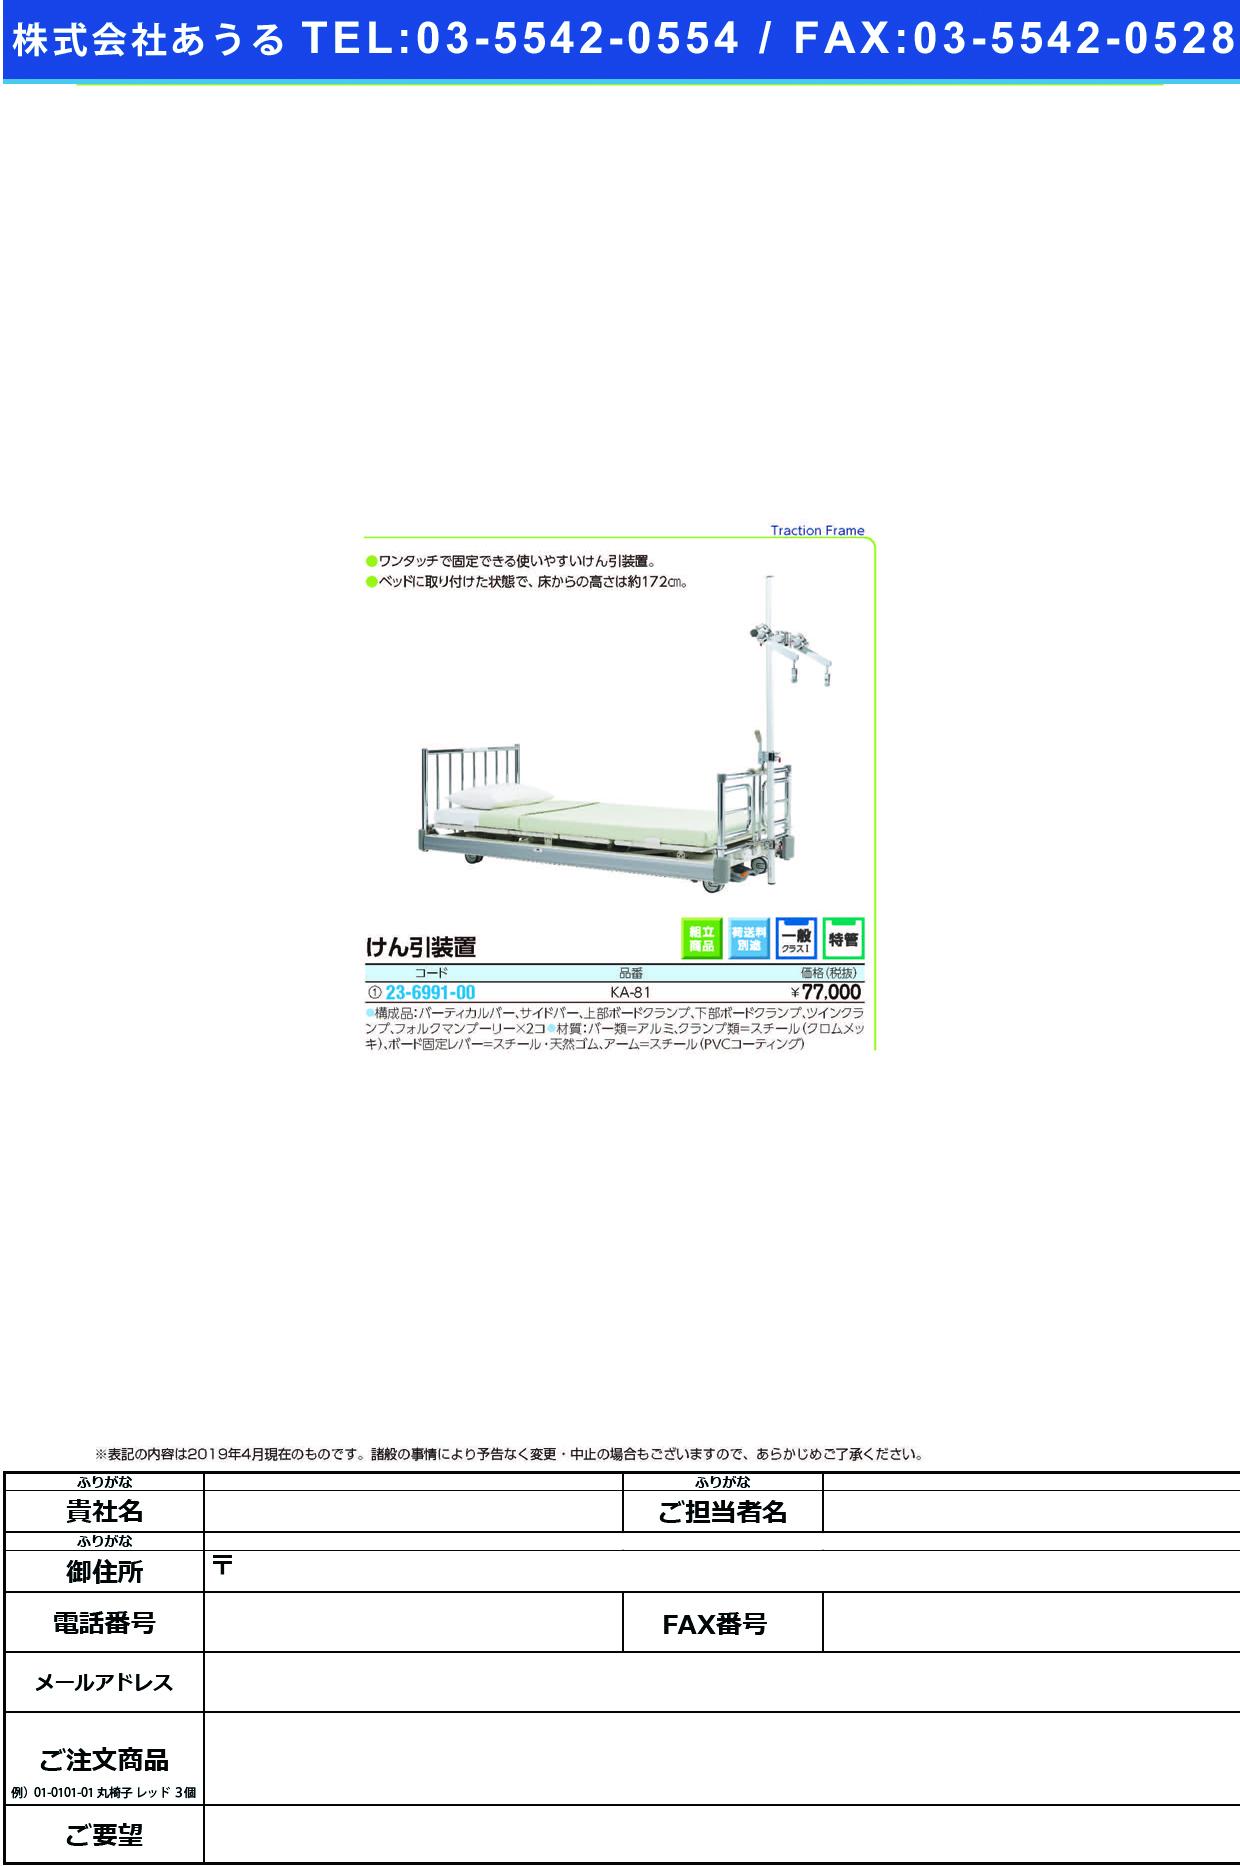 (23-6991-00)けん引装置 KA-81 ケンインソウチ(パラマウントベッド)【1式単位】【2019年カタログ商品】